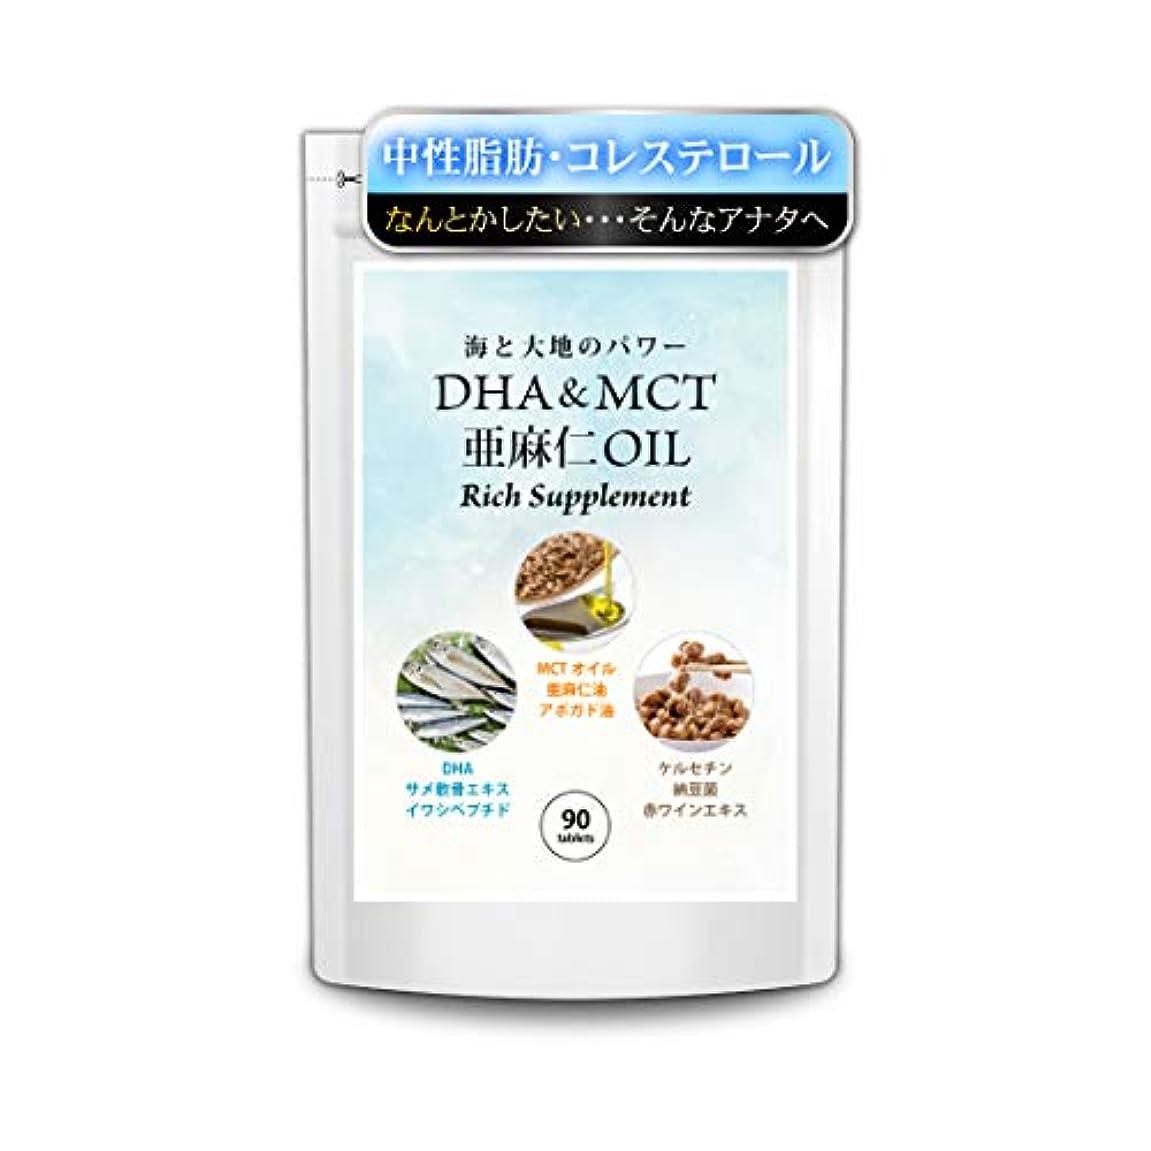 一部リスキーな気球DHA &MCT?亜麻仁 oil rich suppliment 納豆菌 ケルセチン オメガ3 DHA 亜麻仁油 サプリメント 【60粒約30日分】